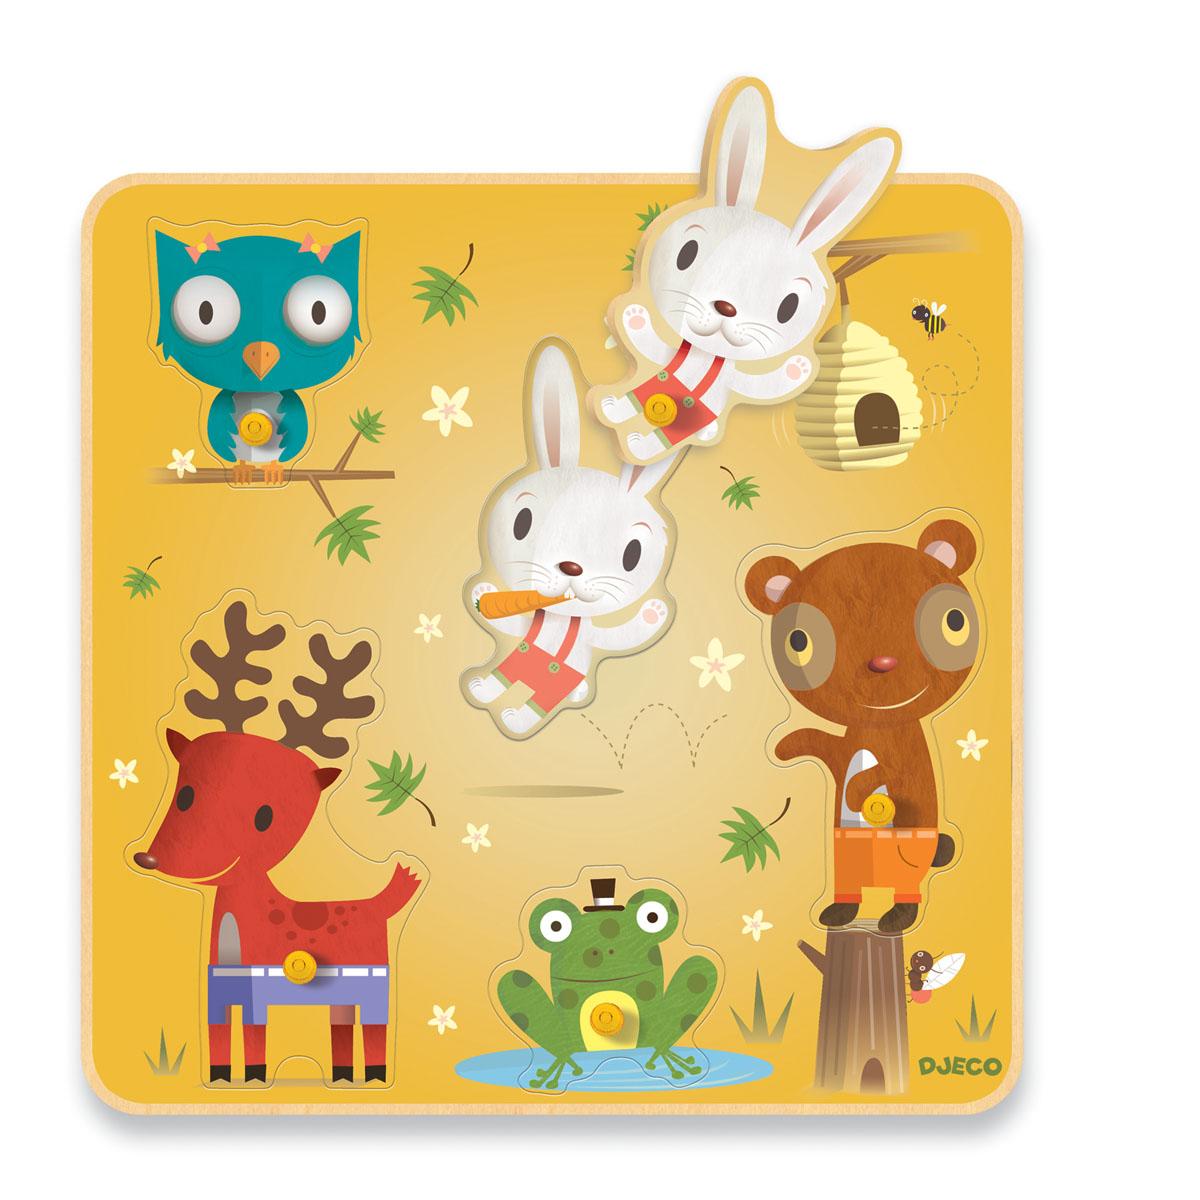 Djeco Пазл для малышей Ноно и друзья01417Рамка-вкладыш с чудесными изображениями животных способствует развитию мелкой моторики ребенка. Кроме того, играя с этим пазлом Ваш малыш познакомится с различными лесными зверями – зайцем, медведем, лягушкой, оленем и совой. Для детей с 12 месяцев.